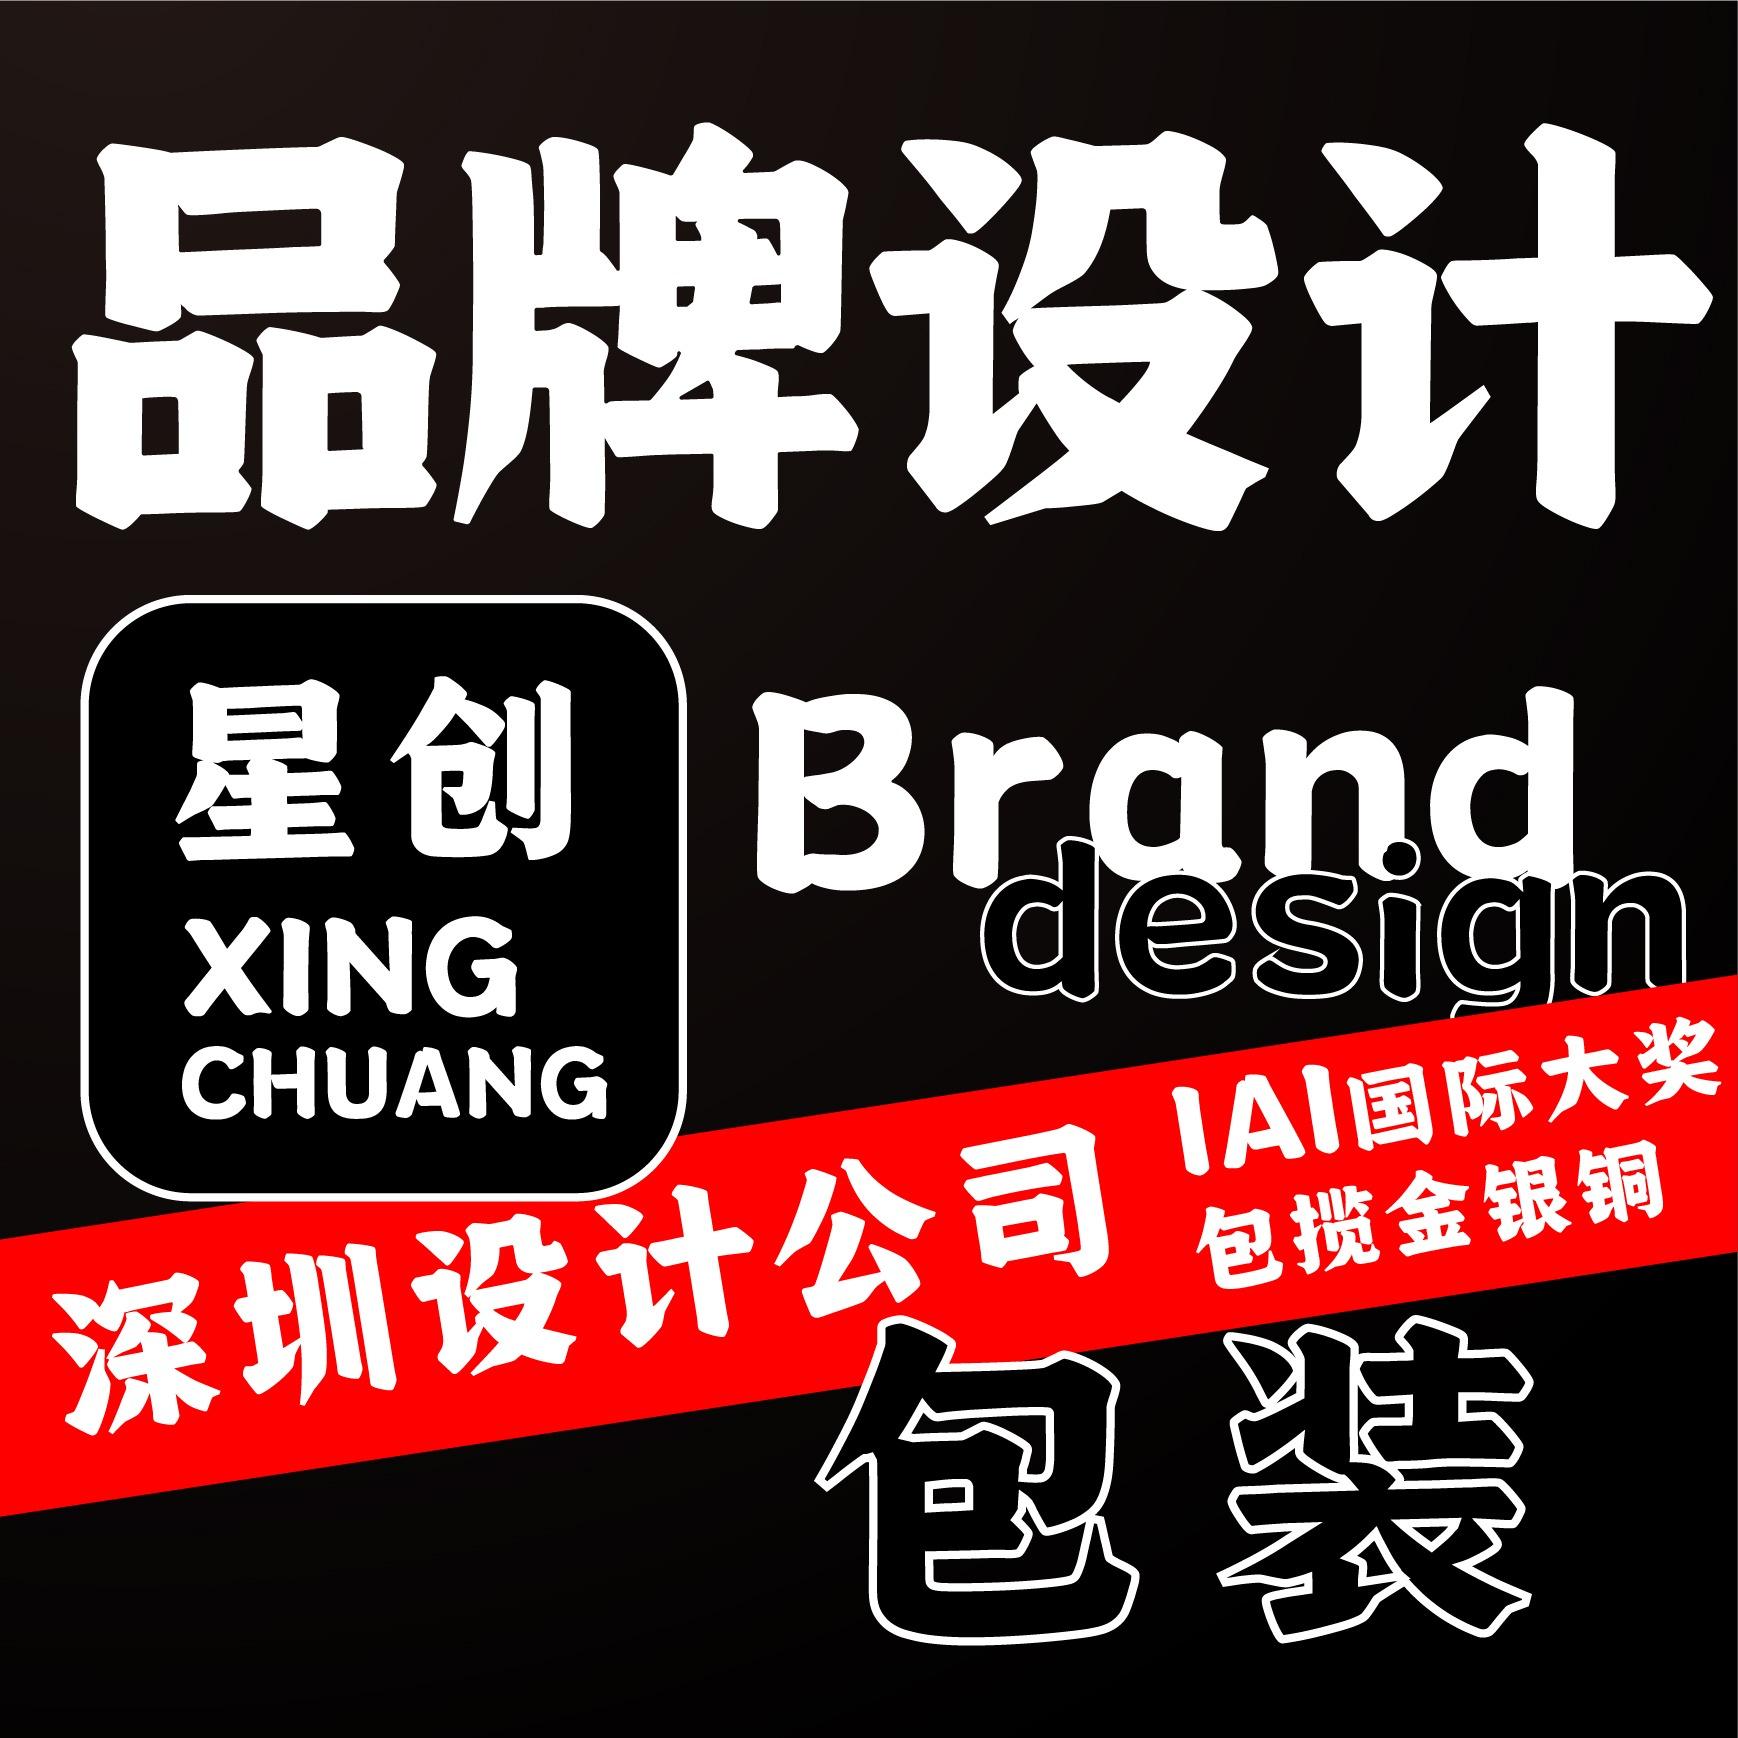 深圳 包装设计 礼盒茶叶酒水家电高端电子产品儿童品牌礼品医药